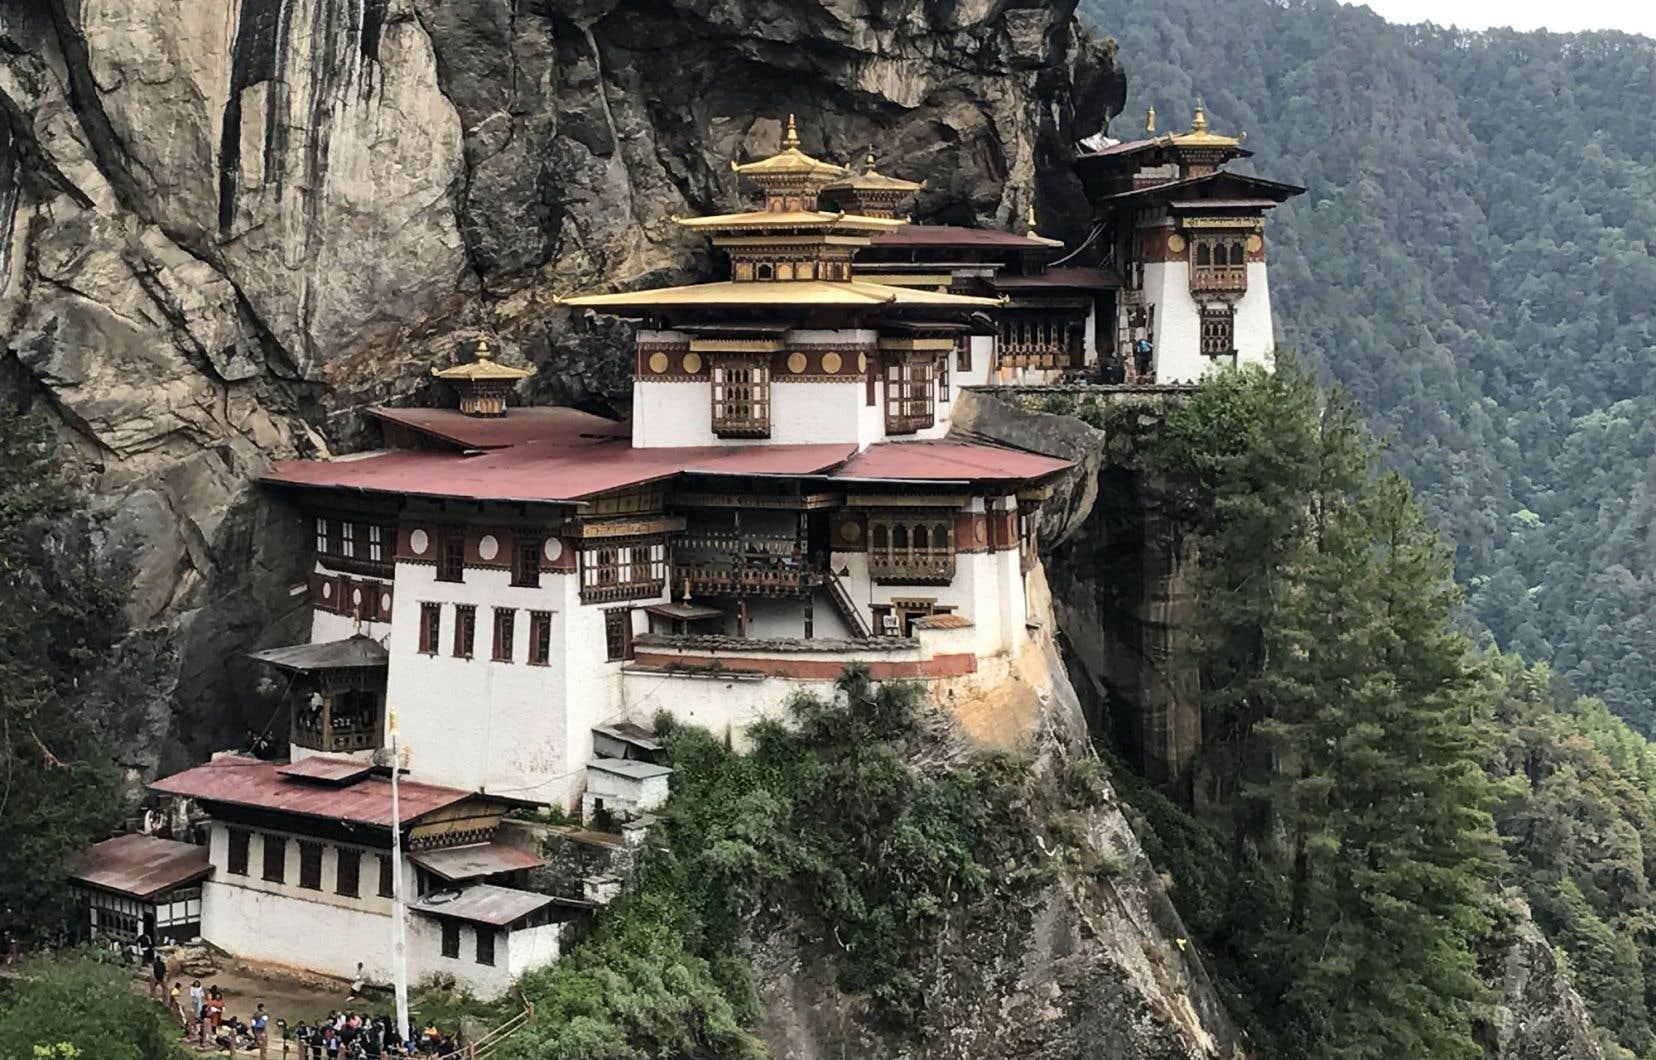 De tous les temples bhoutanais, Taktshang Goemba, alias le « nid du Tigre », est l'un des plus vénérés, et certainement le plus visité.